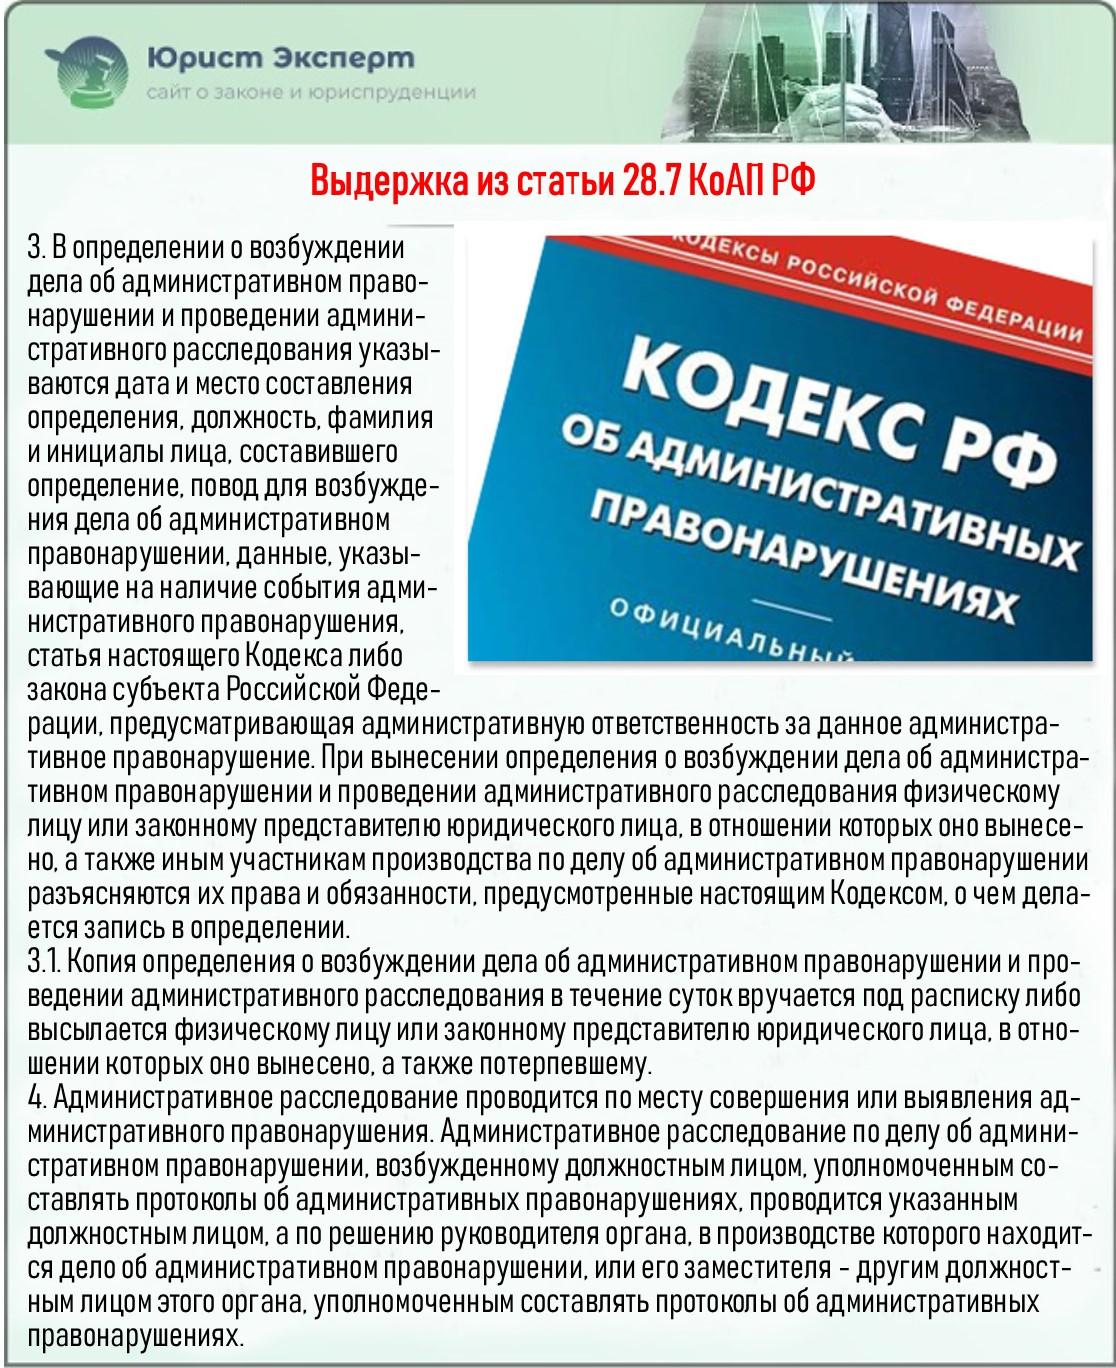 Выдержка из статьи 28.7 КоАП РФ